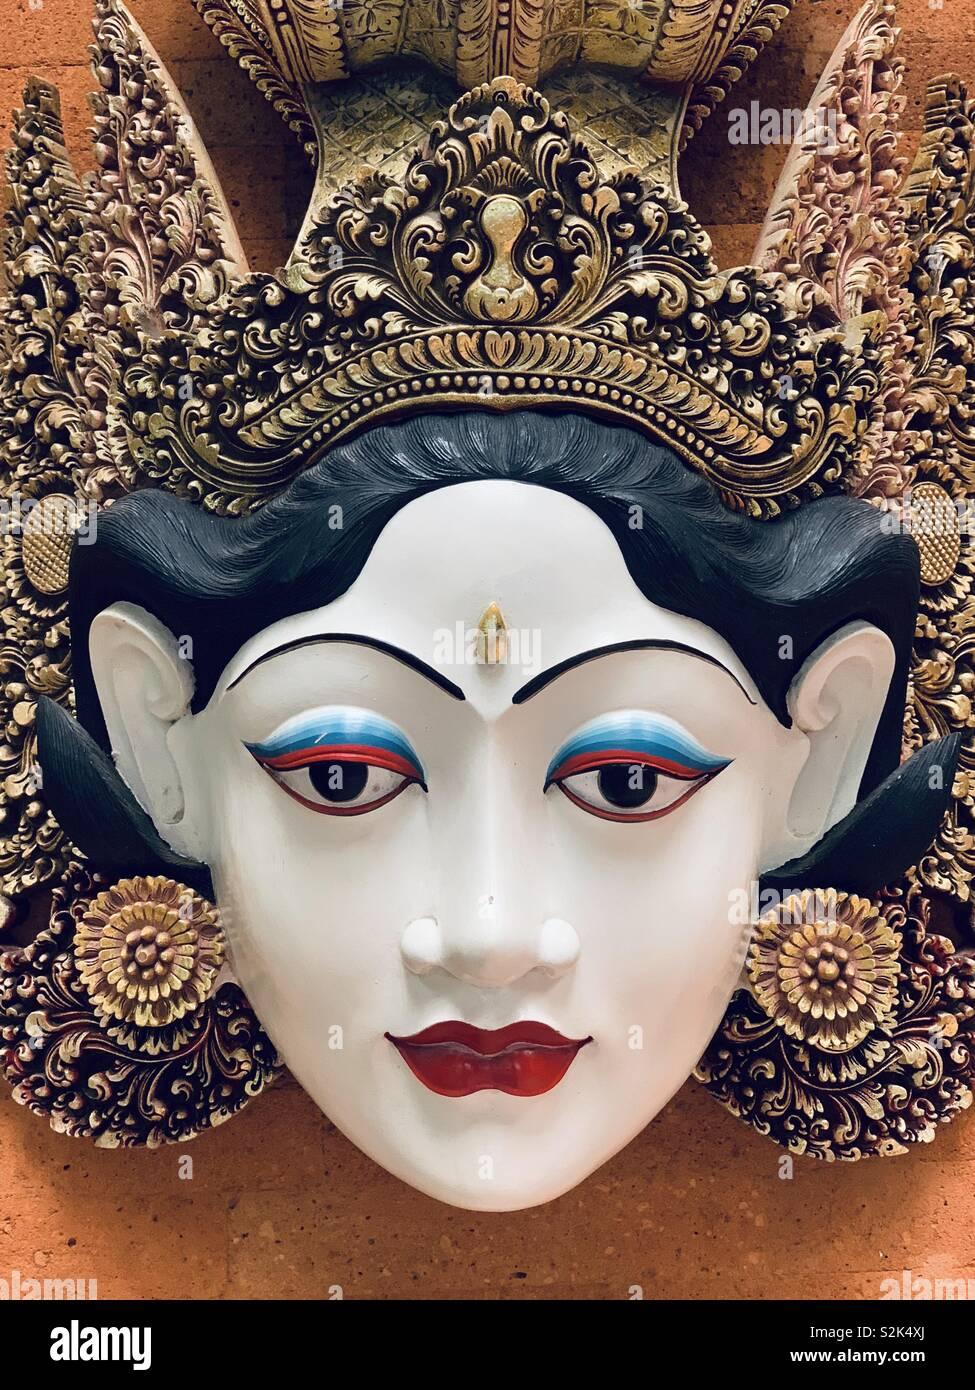 Sita mask - Stock Image